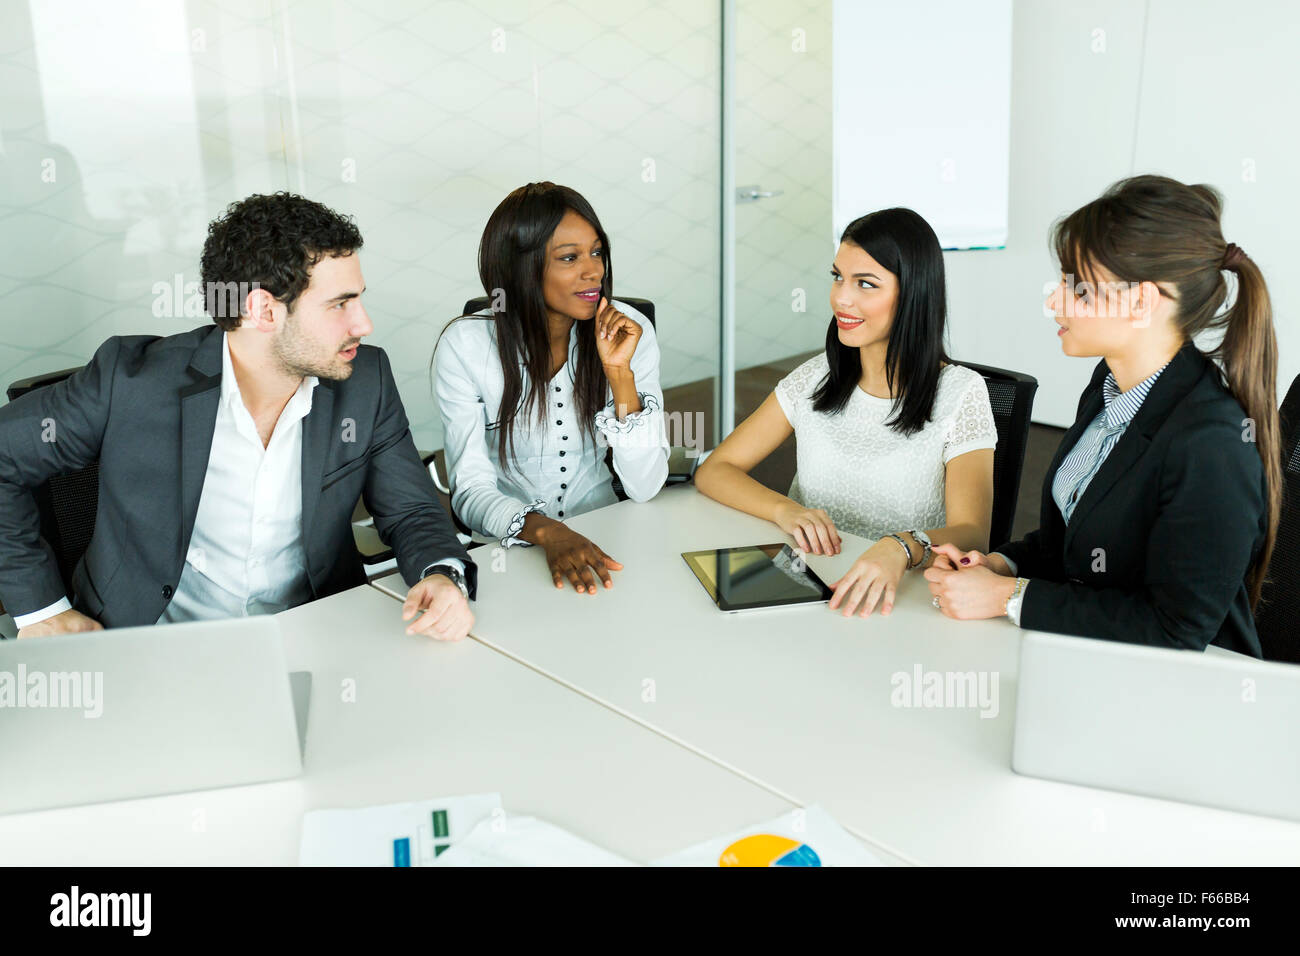 Hablar de negocios mientras está sentado en una mesa y análisis de resultados Imagen De Stock